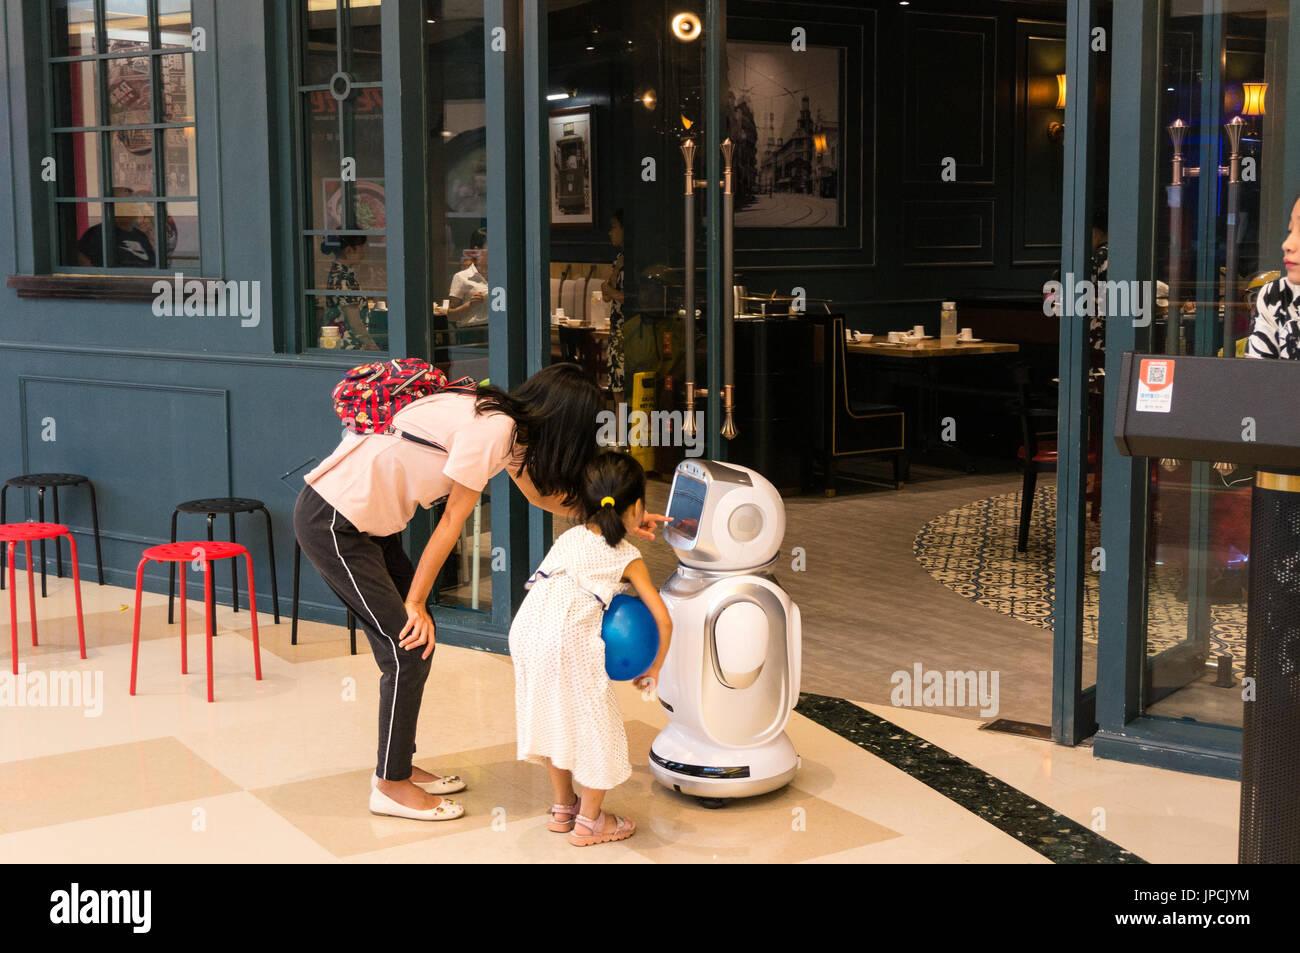 La madre e il giovane ragazza interagendo con ristorante robot in shenzhen, Cina Immagini Stock